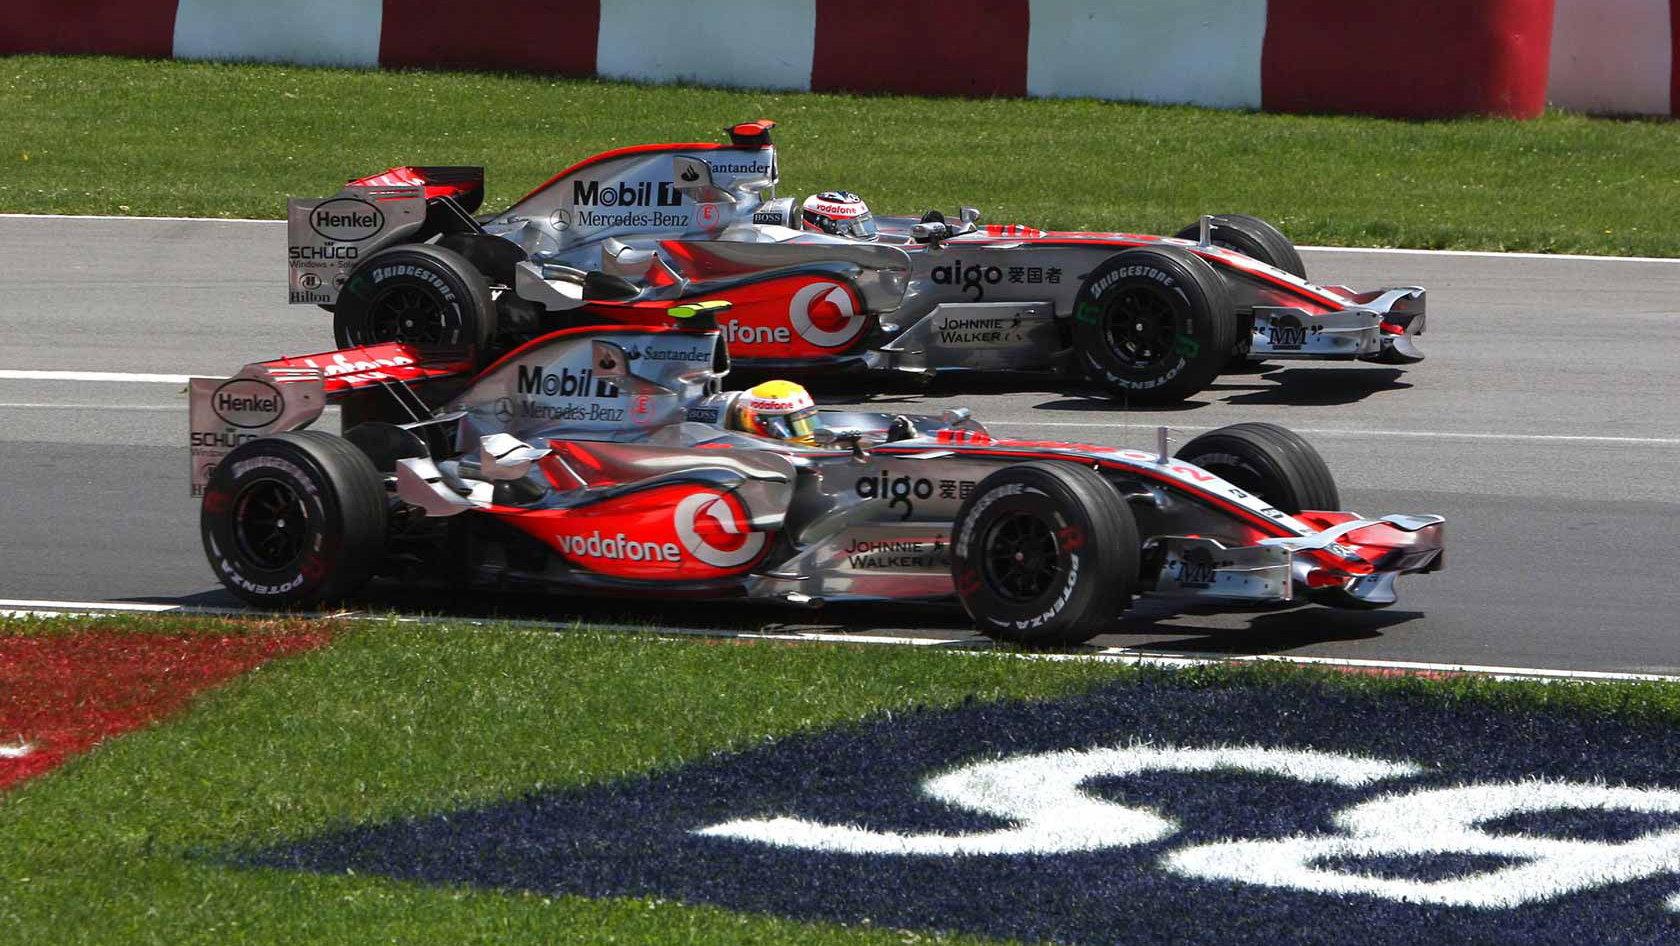 Lewis Hamilton v souboji se svým týmovým kolegou Fernandem Alonsem